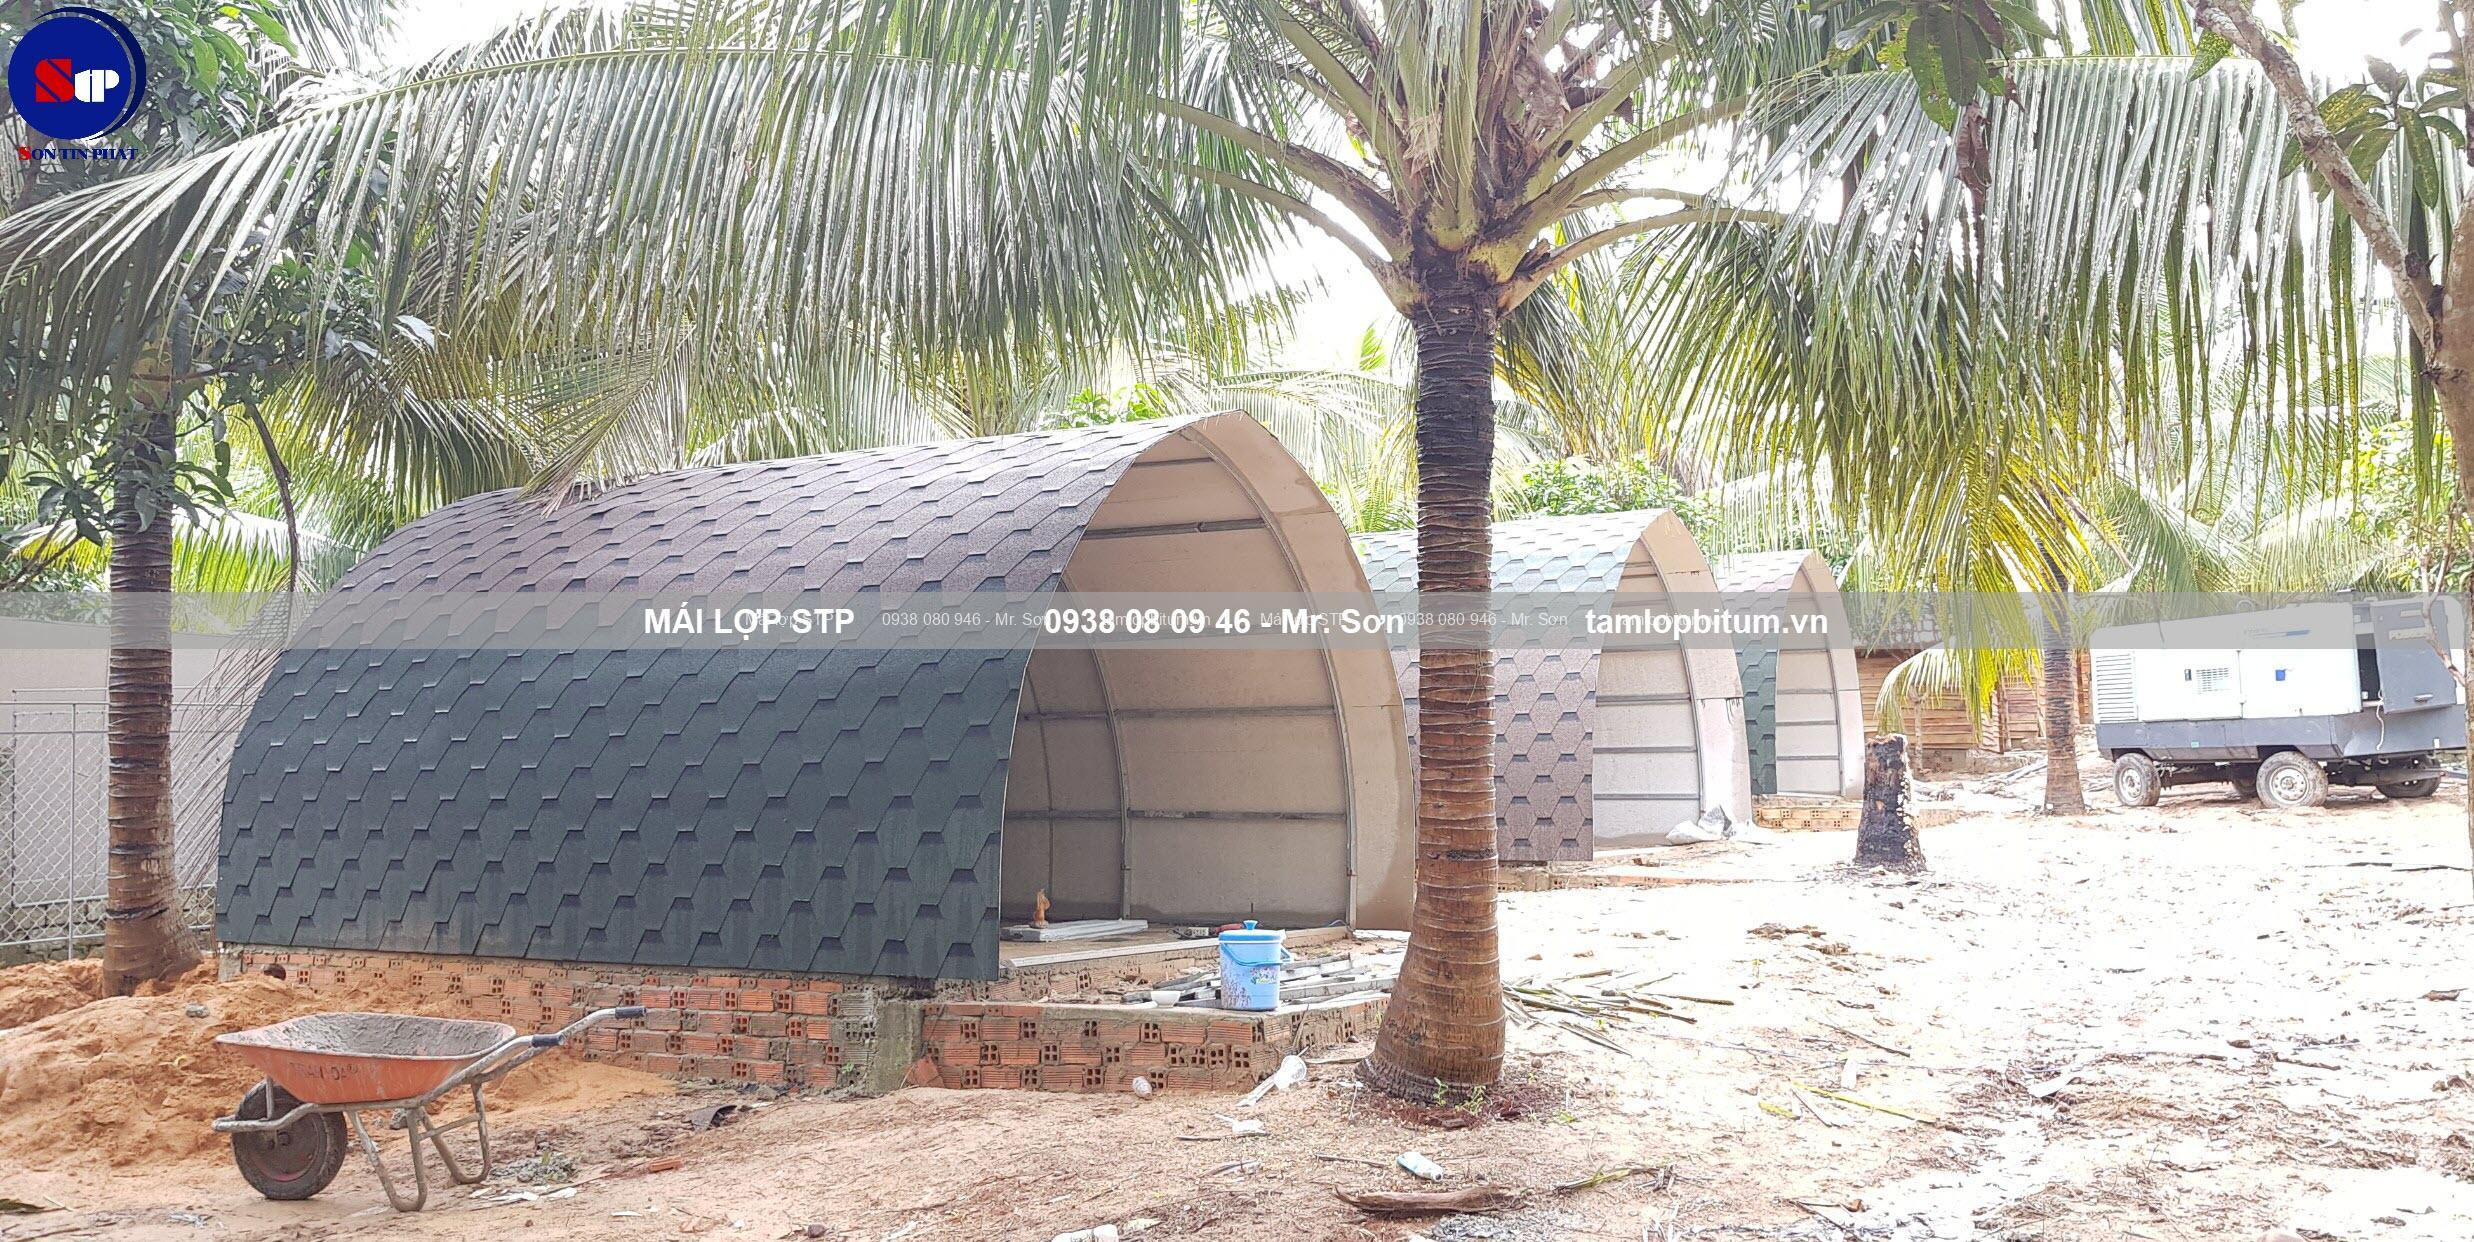 Mái lợp phủ đá STP cho bungalow vòm tròn